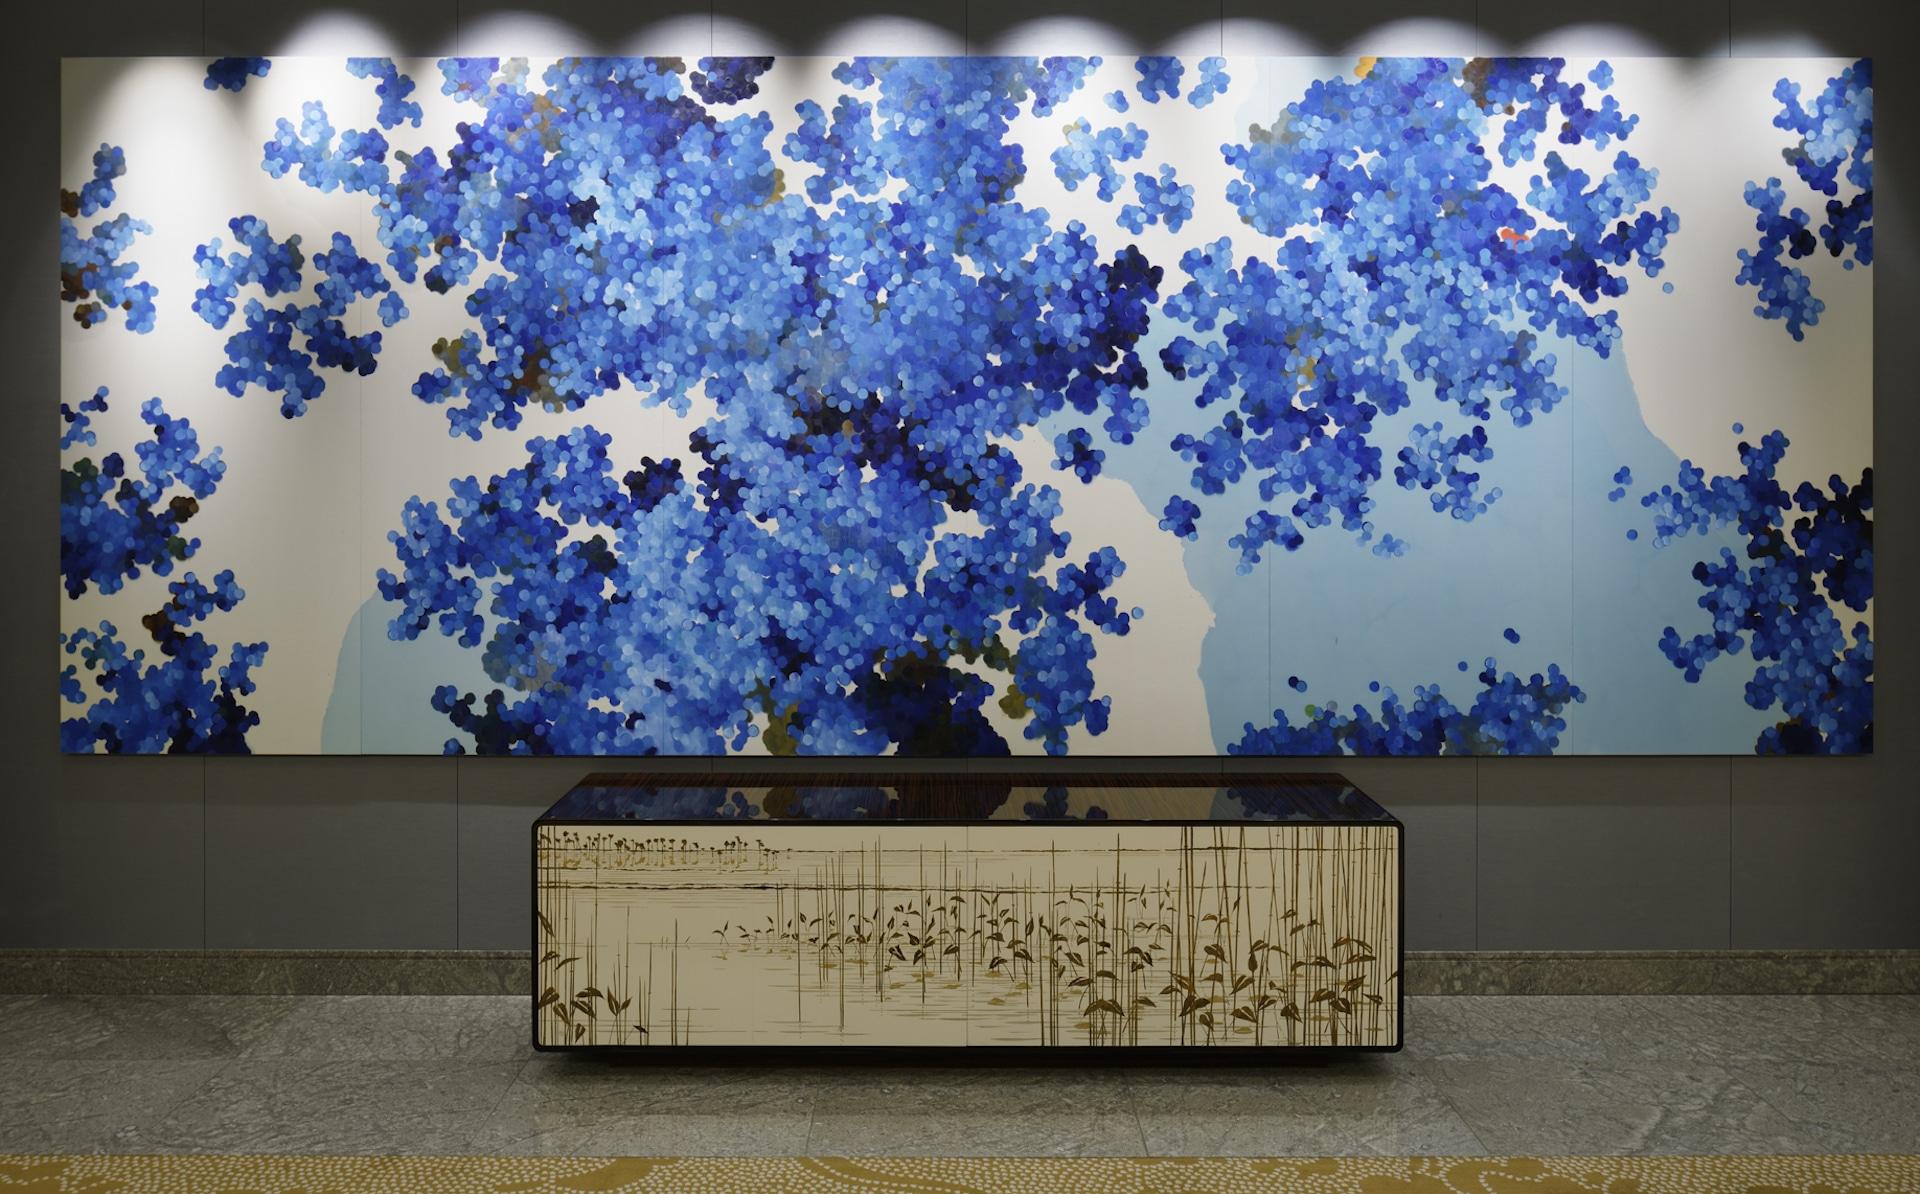 Palace Hotel Tokyo Art Collection – Shikisai No Shita by Satoshi Uchiumi – F2